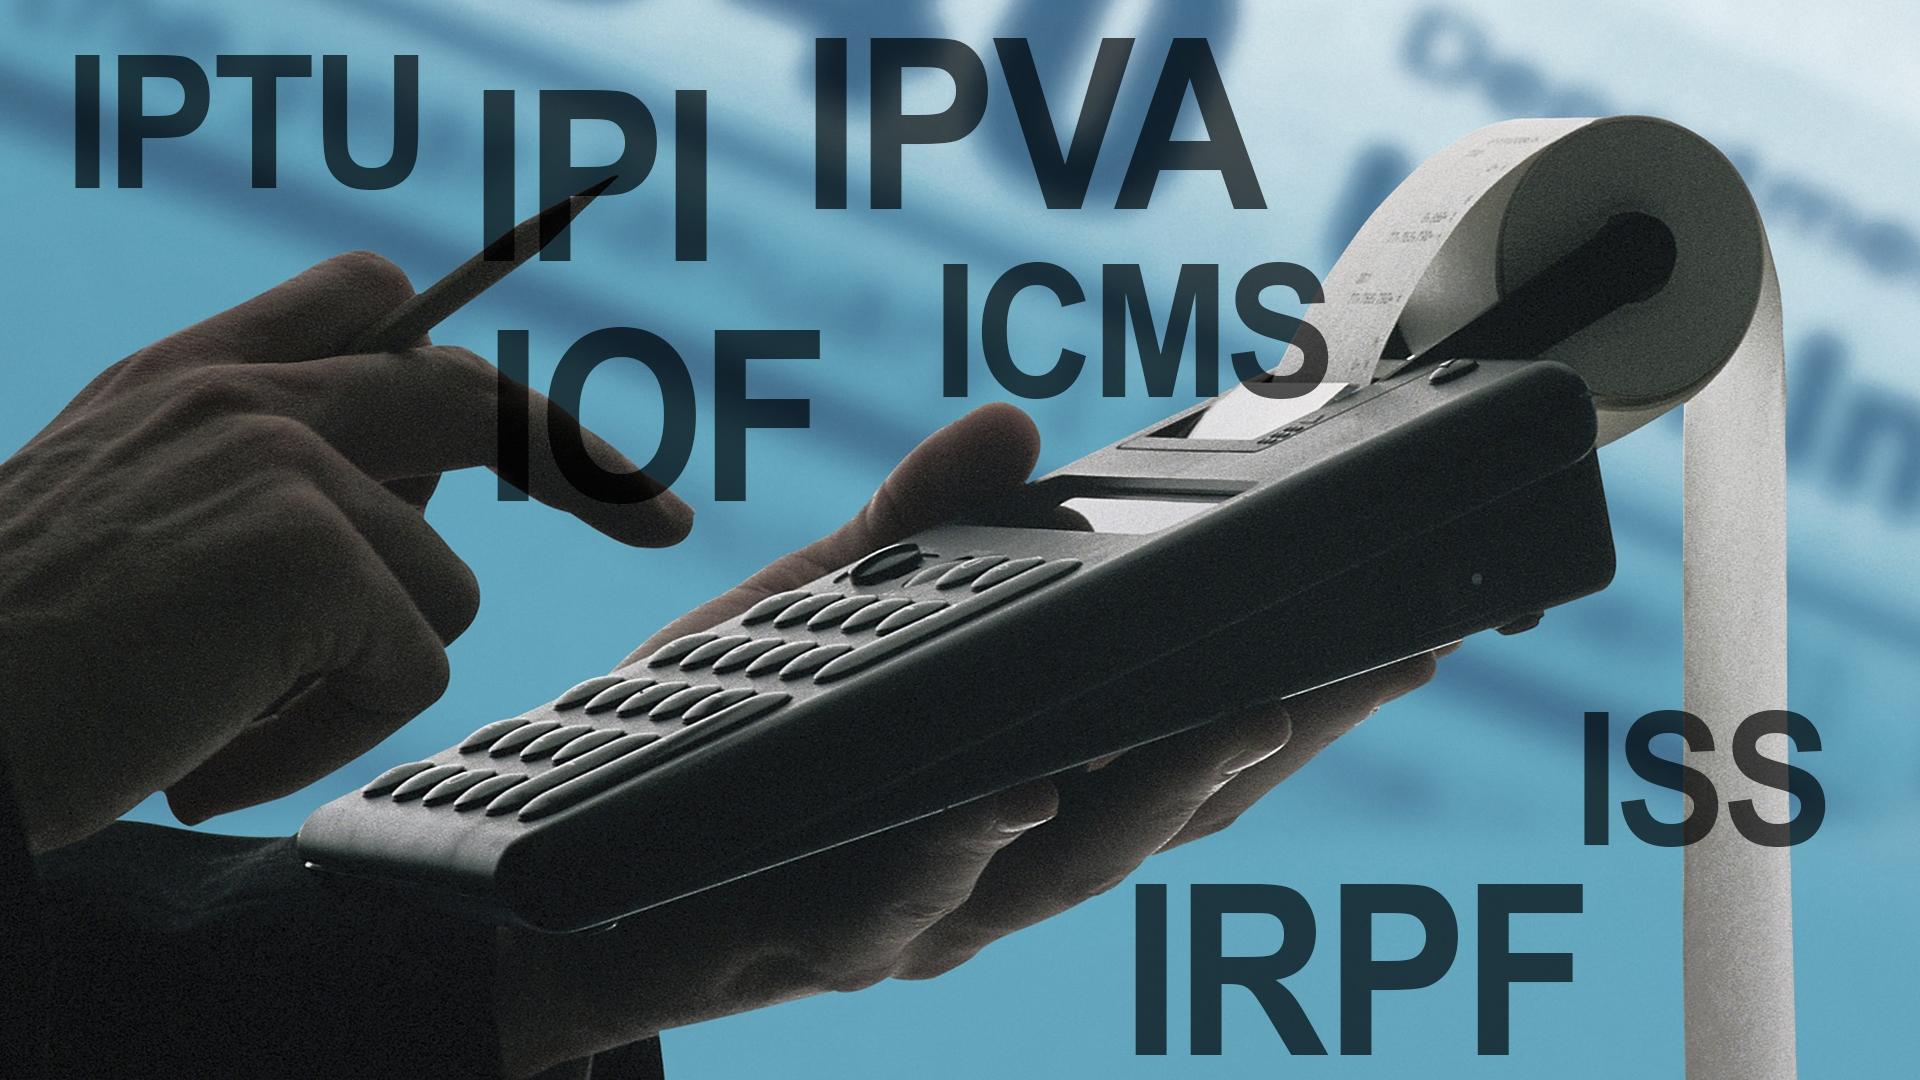 Da ilegalidade da inclusão do ICMS/ISS